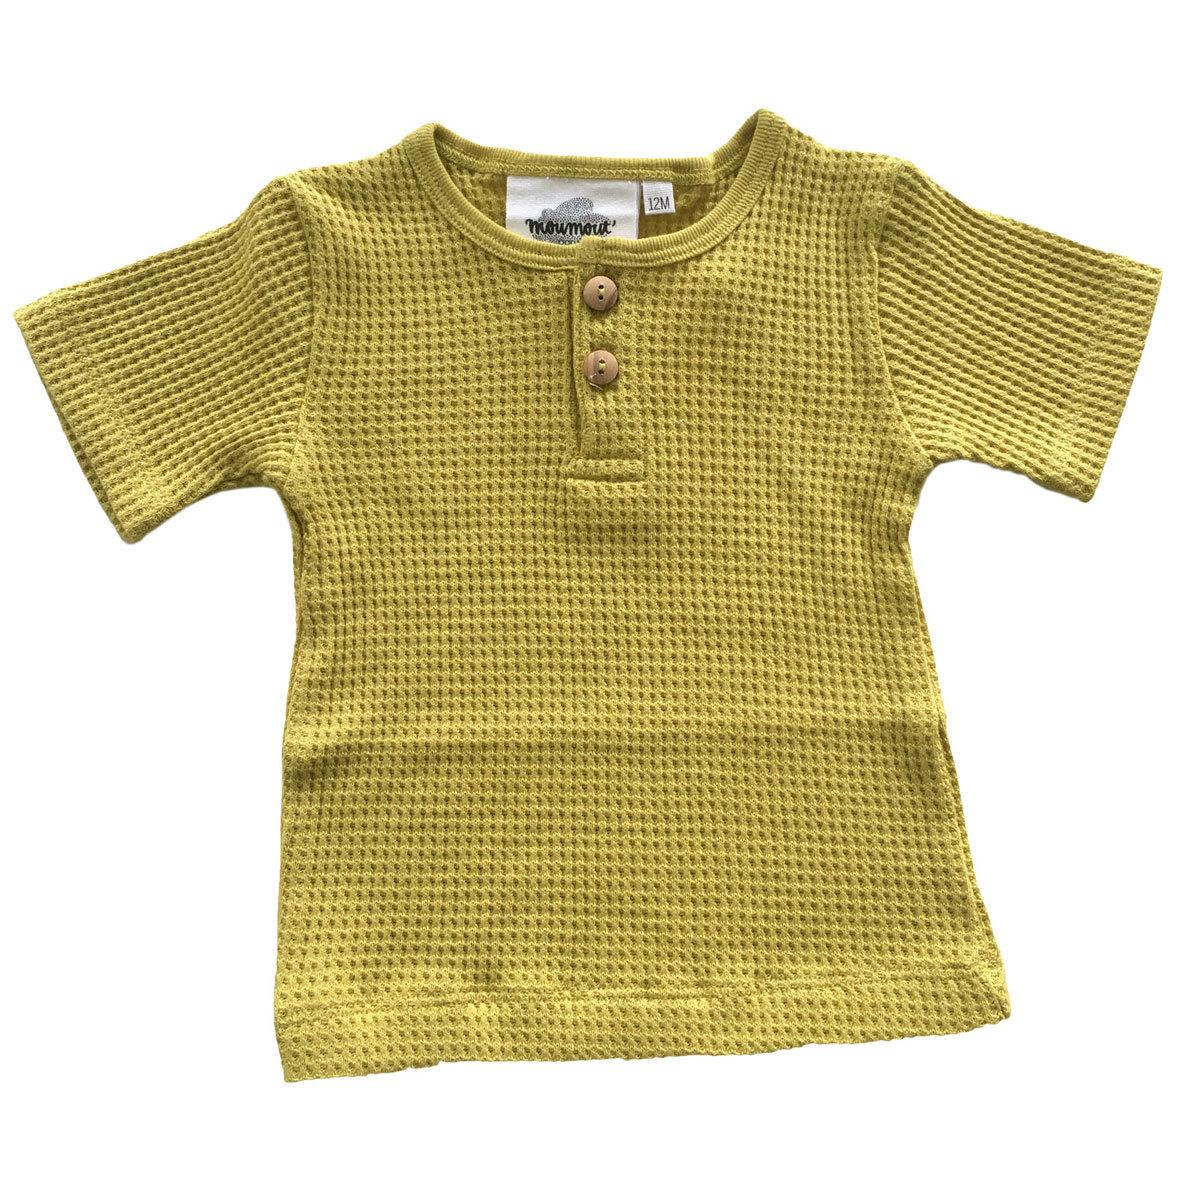 Hauts bébé T-Shirt Manches Courtes Noe Bee - Verveine - 3 mois T-Shirt Manches Courtes Noe Bee - Verveine - 3 mois